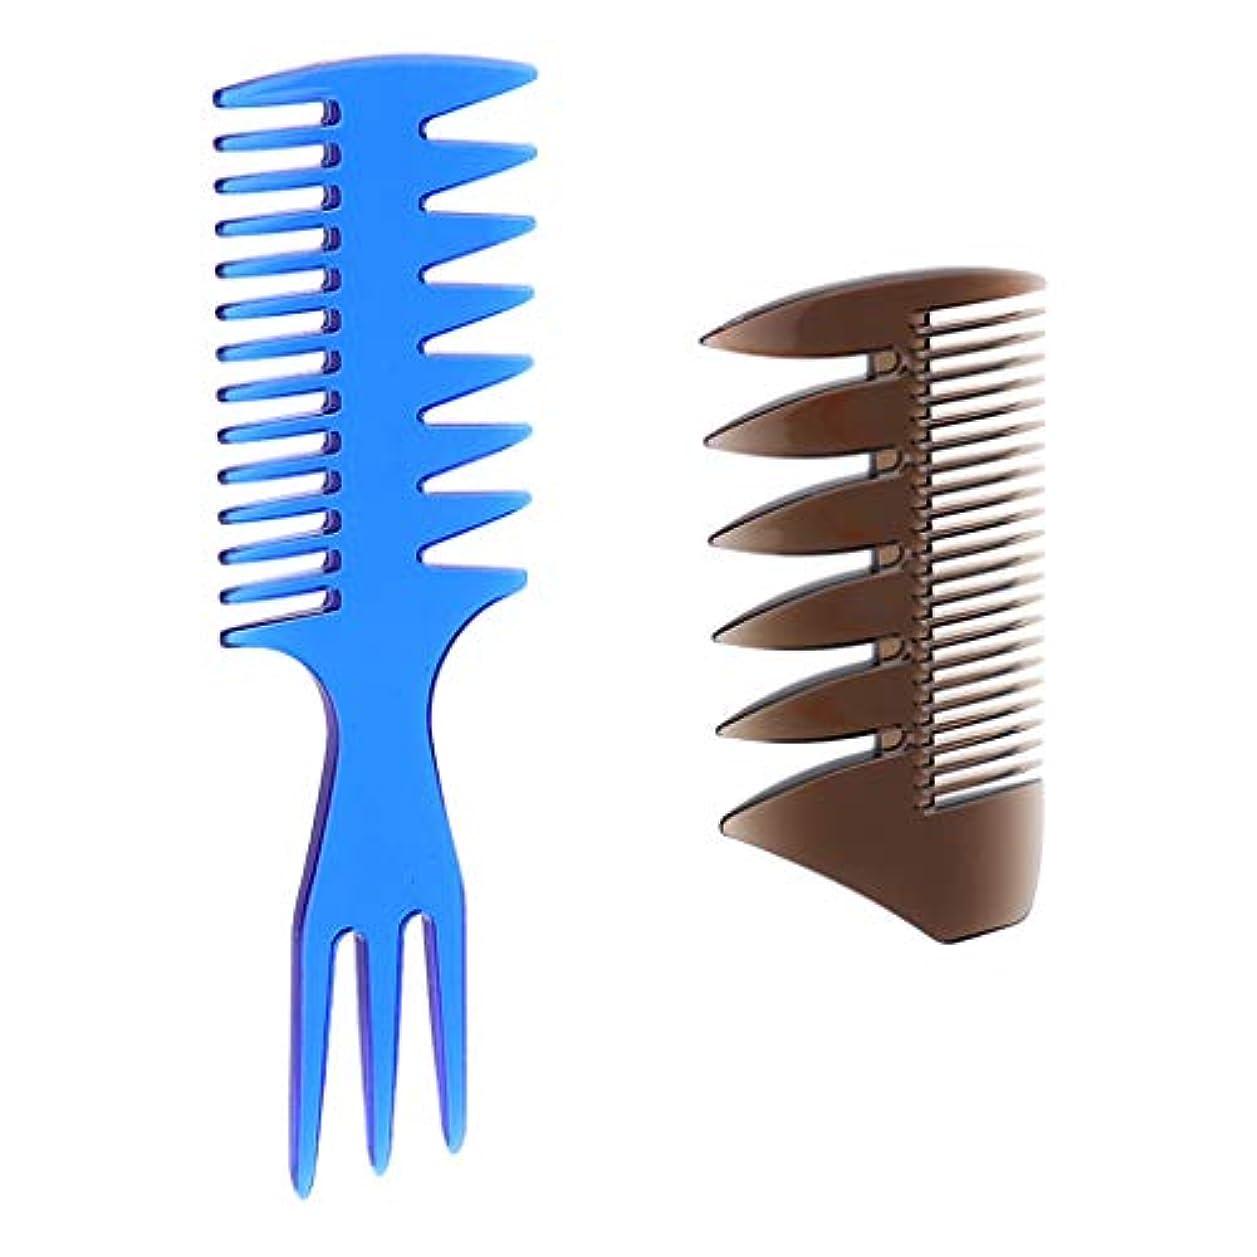 竜巻図フィット3-in-1櫛 2-in-1櫛 ヘアサロン 髪の櫛 静電気防止櫛 2個